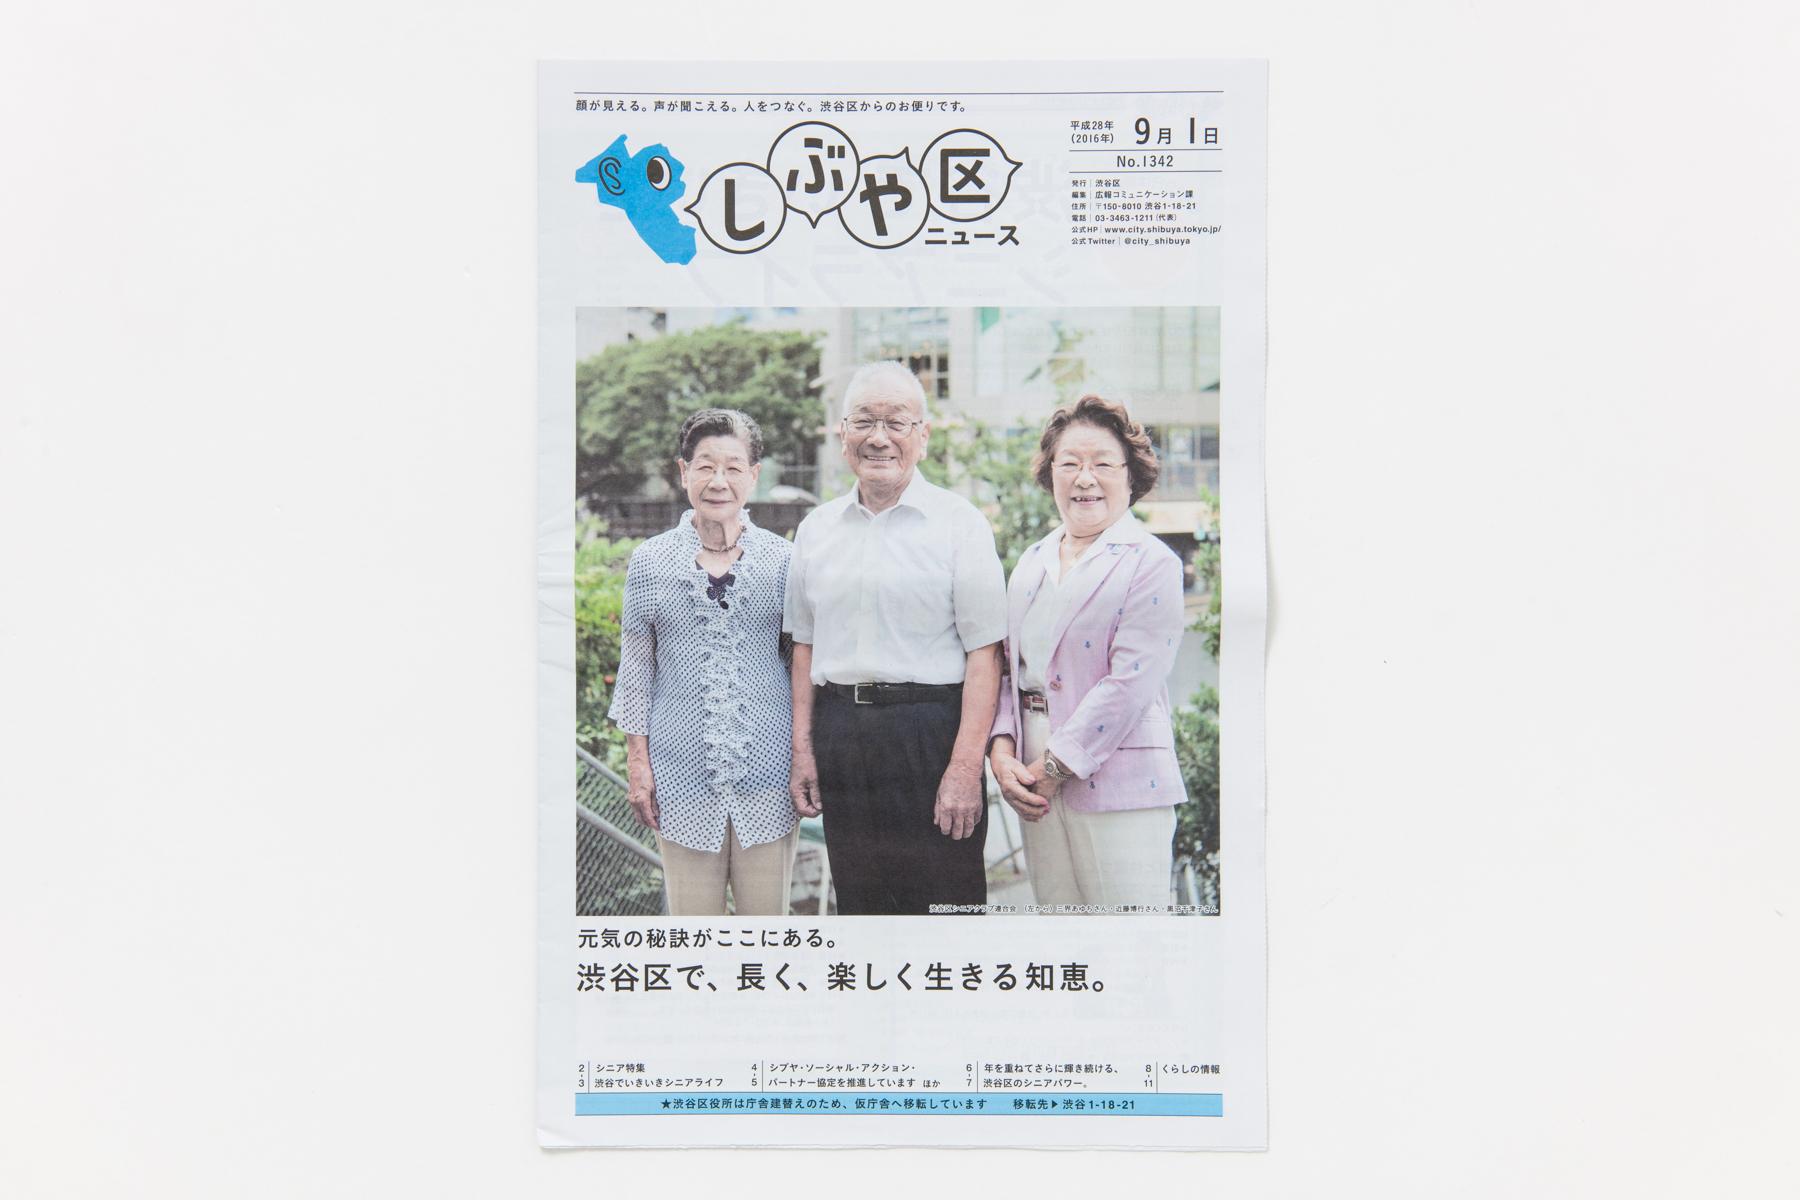 しぶや区ニュース 9月1日号 2016 photo:TADA